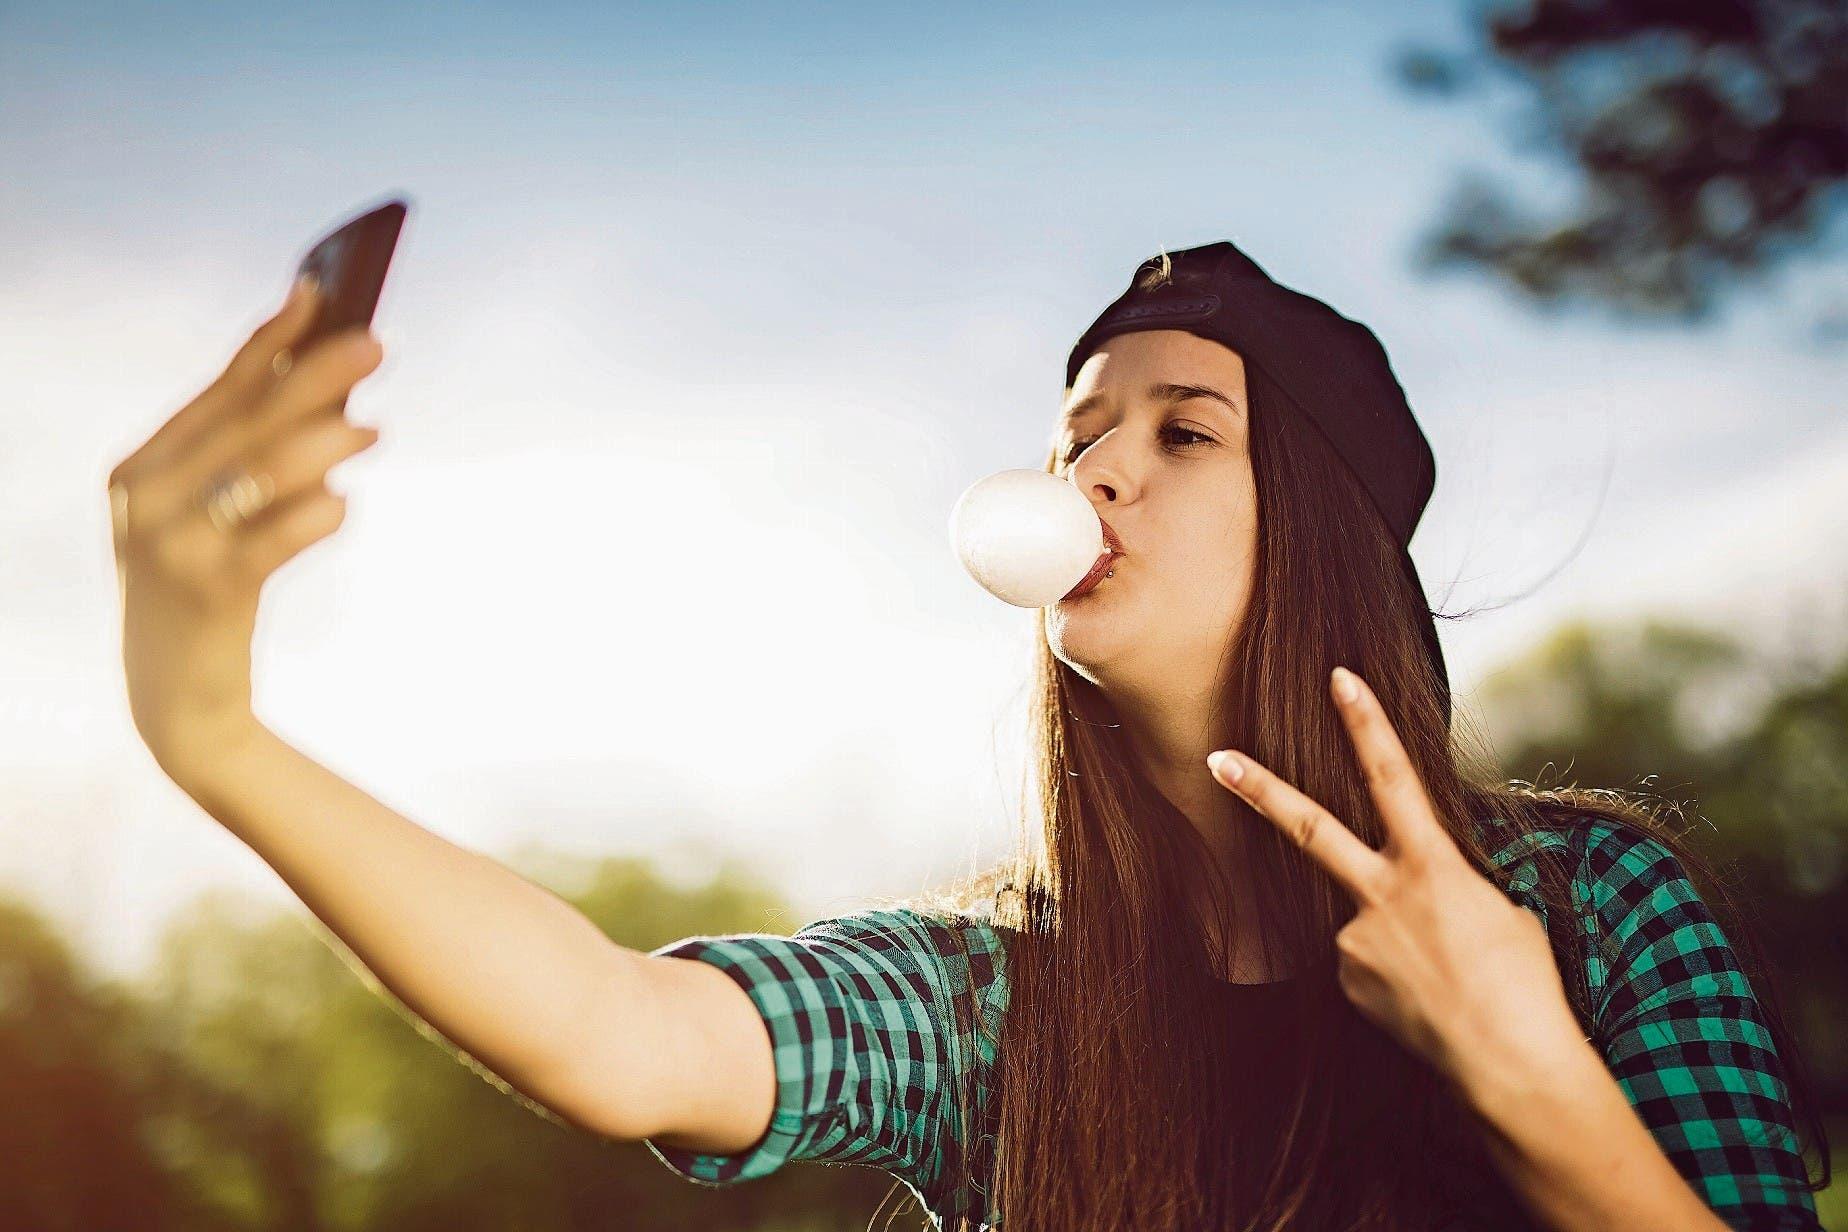 Personen mit einem hohen Hang zu Narzissmus veröffentlichen oft Selbstportraits in den Sozialen Netzwerken. (Bild: Getty)